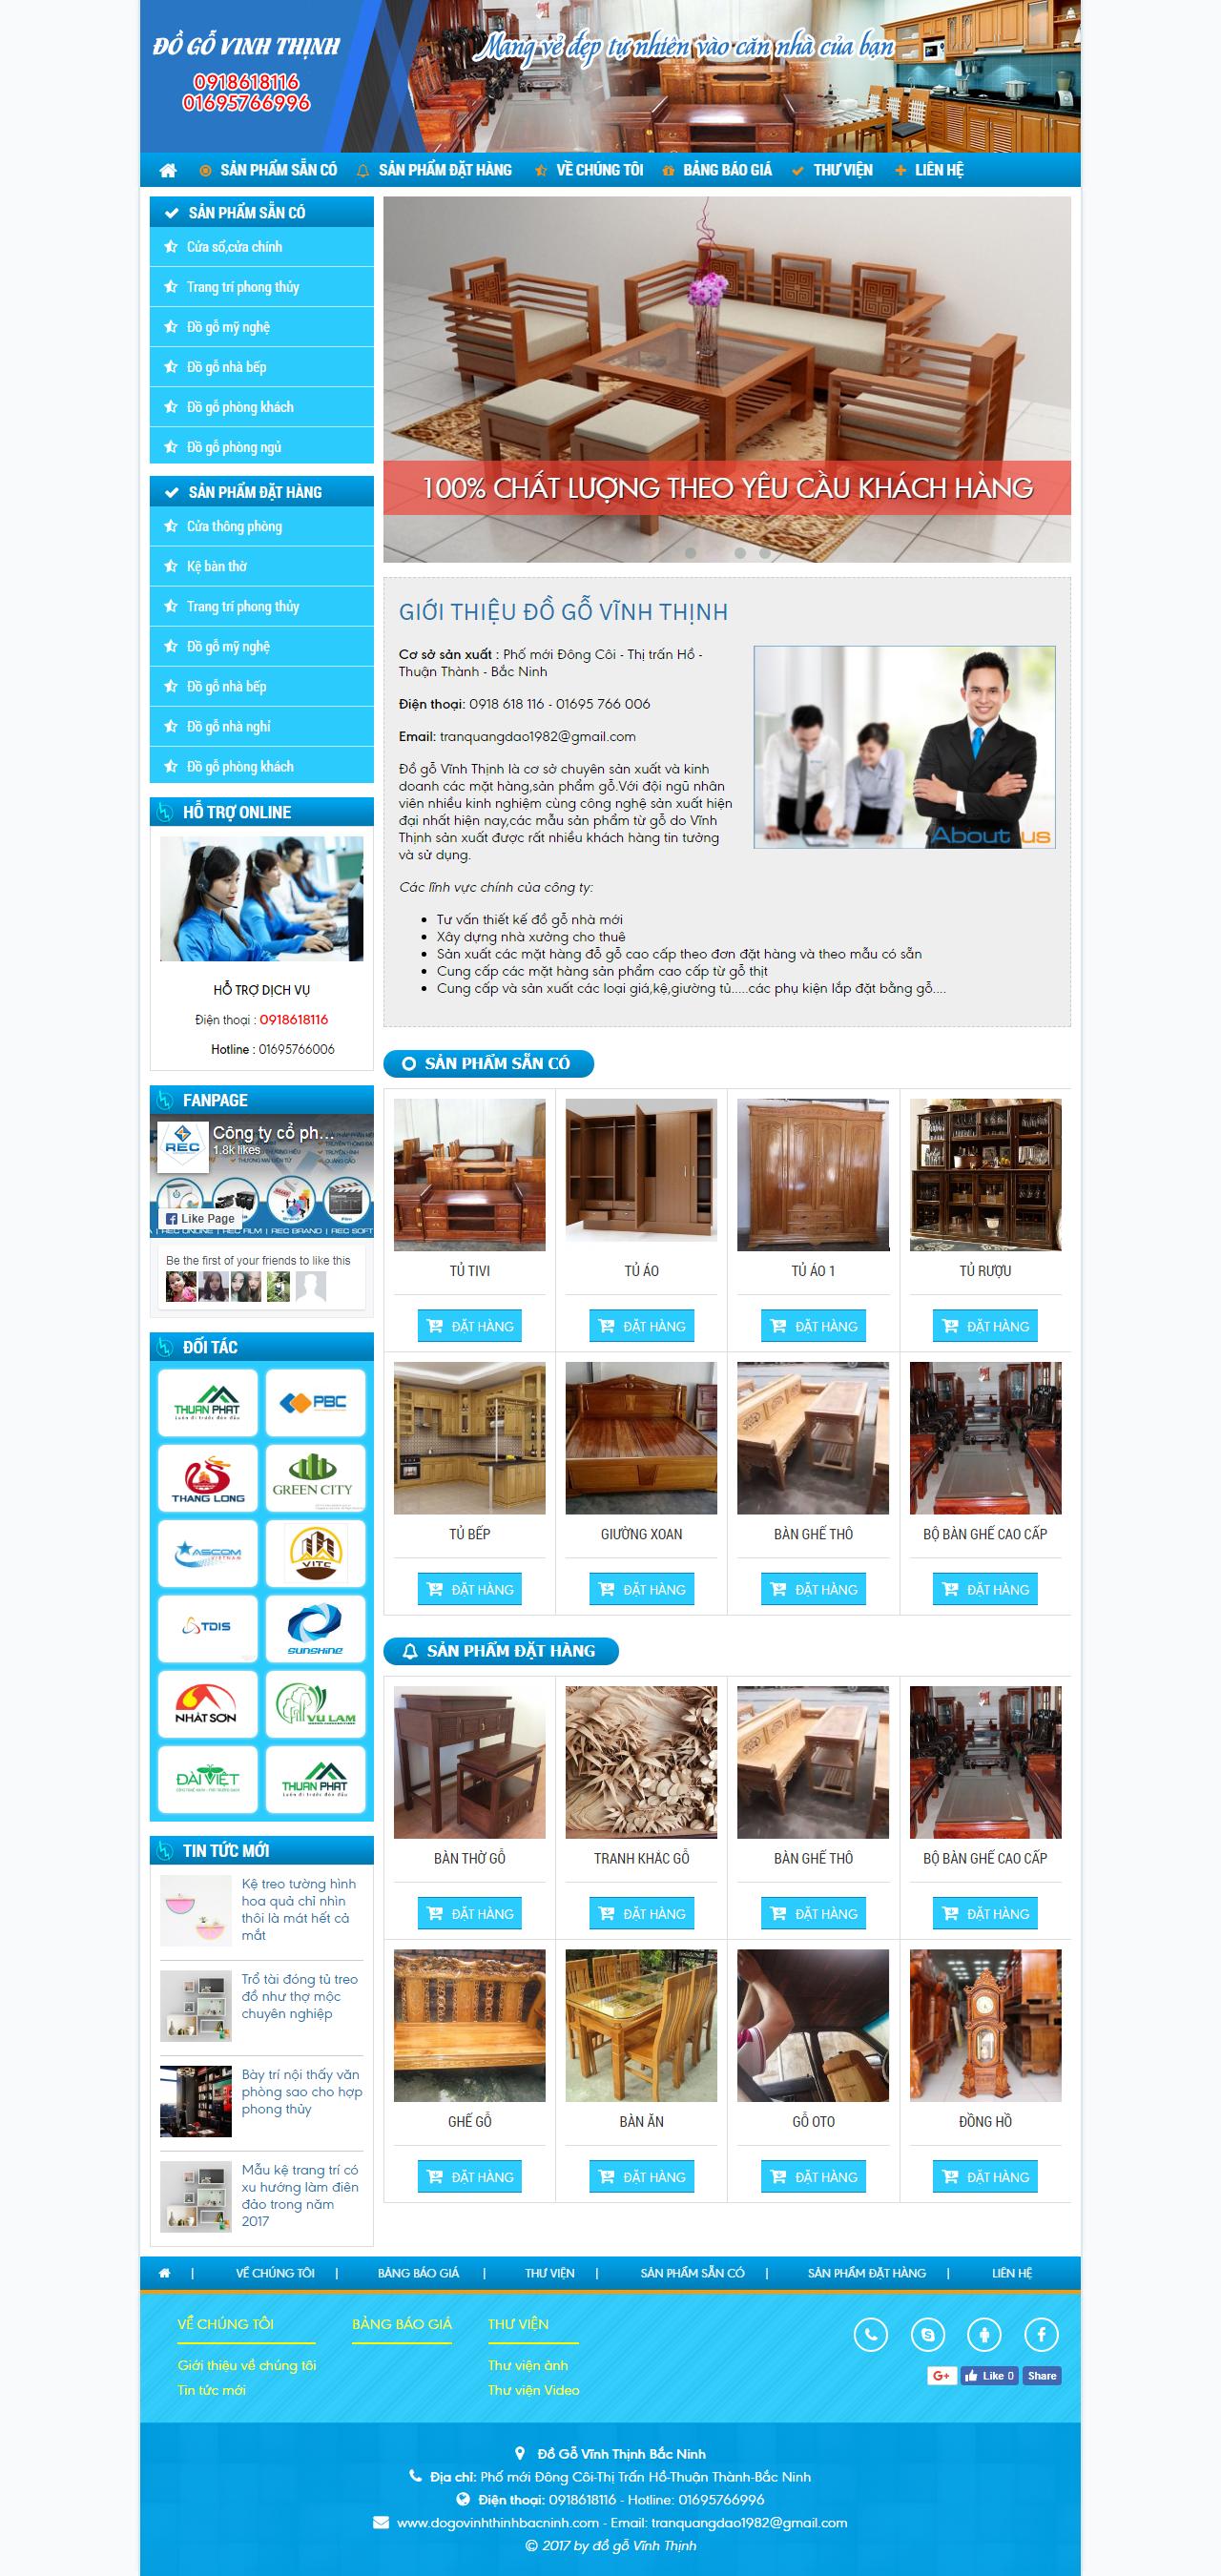 Web giá rẻ bán đồ gỗ